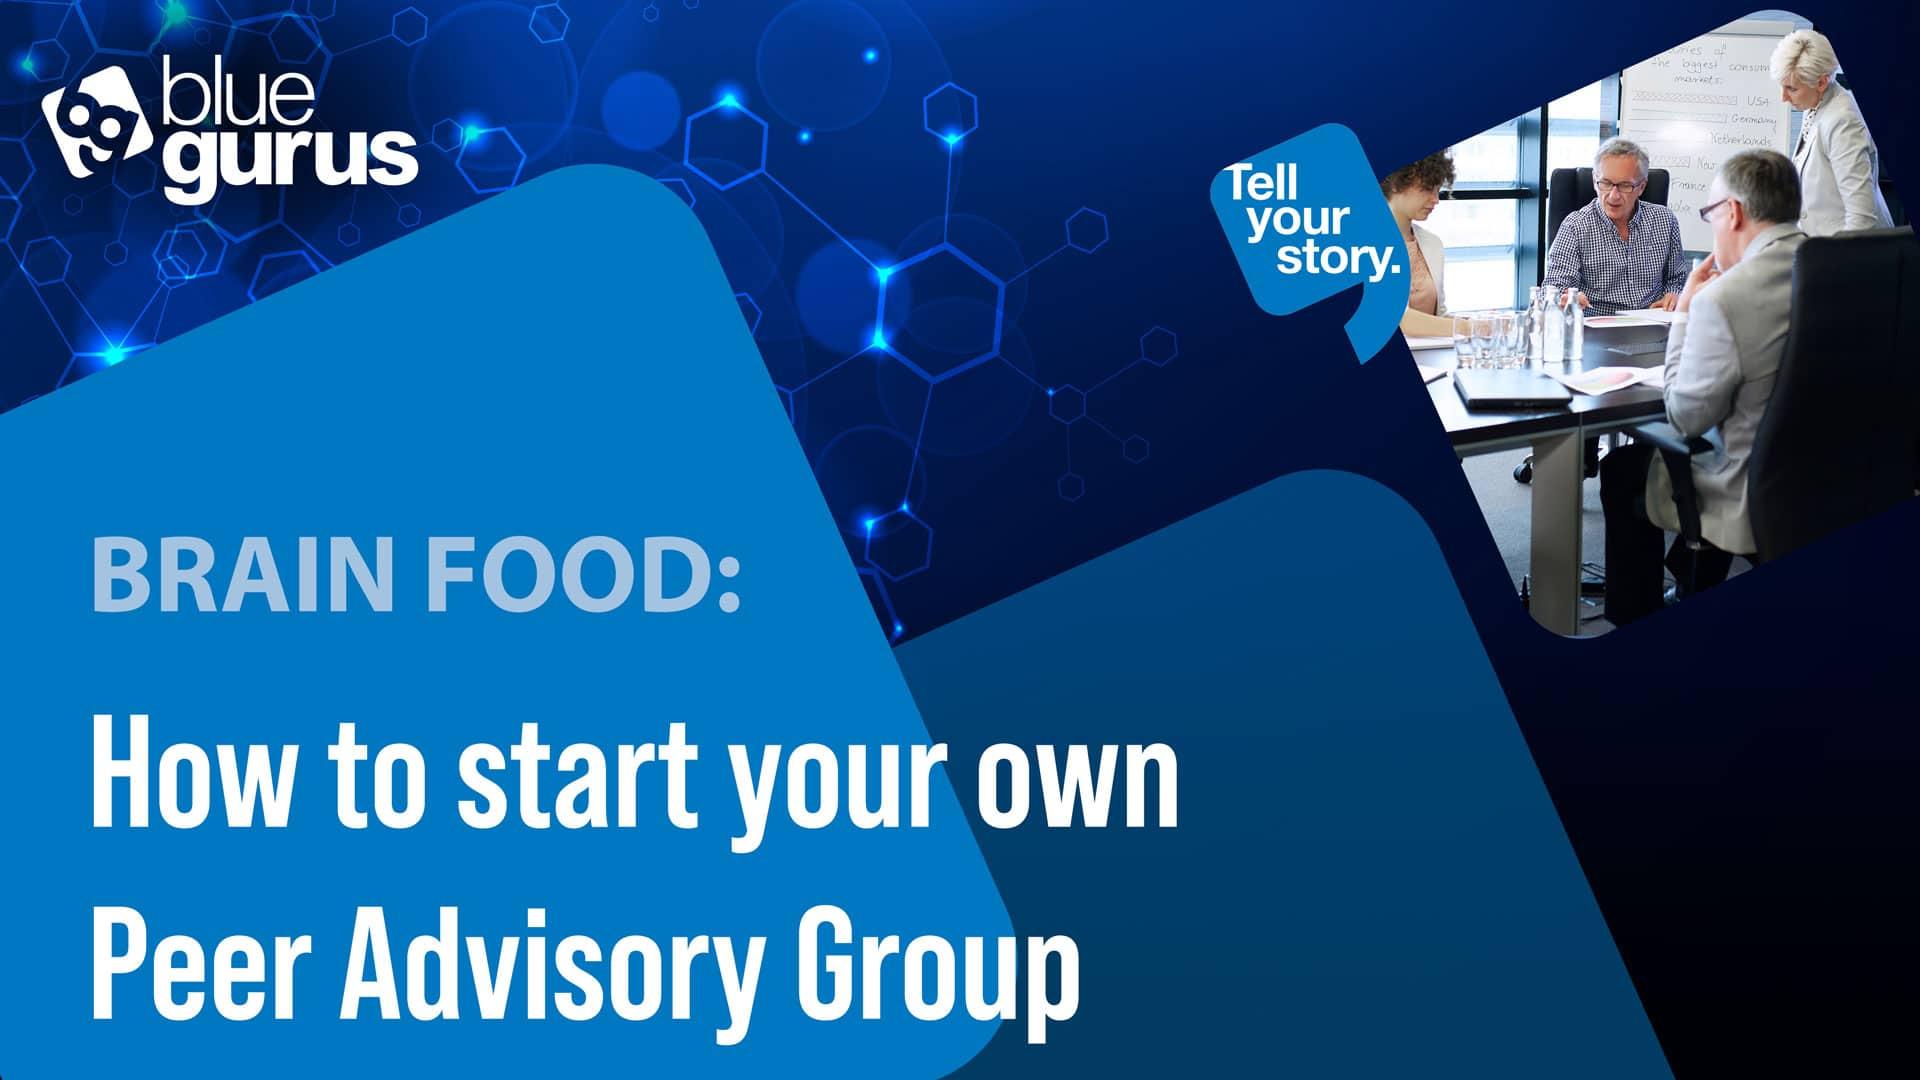 Start your own Peer Advisory Group